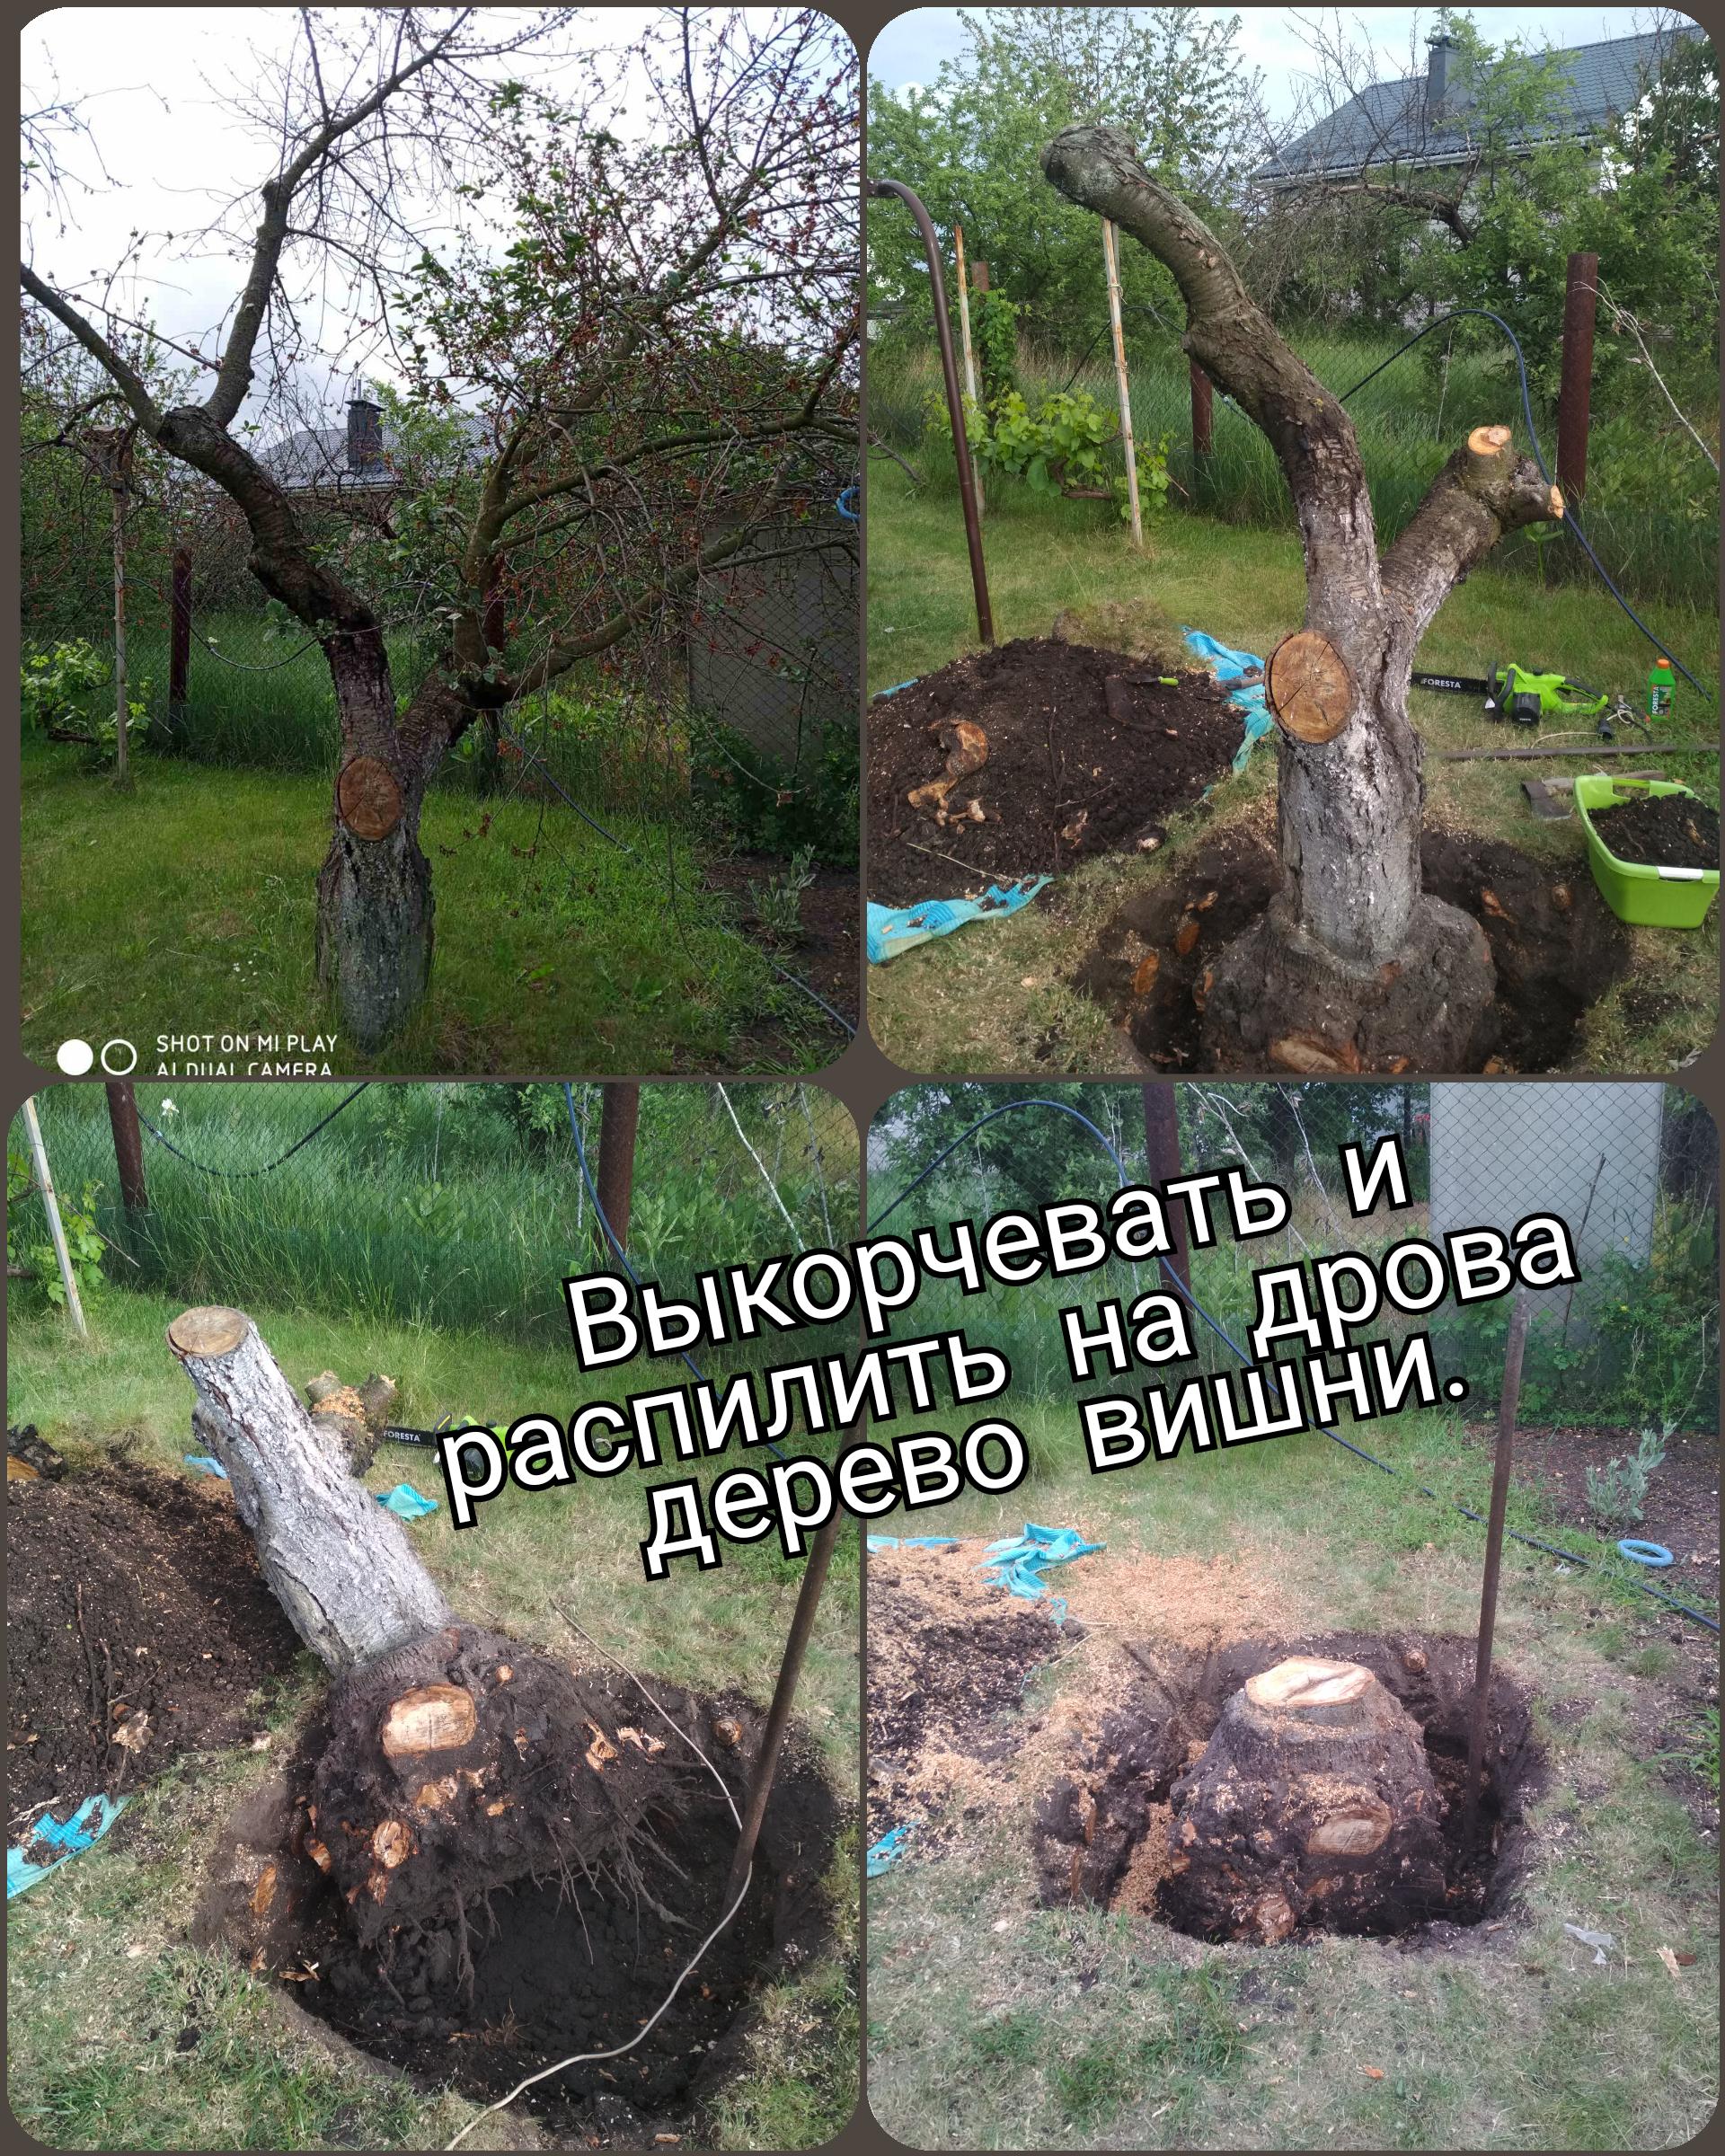 Фото Выкорчевать и распилить дерево вишни.